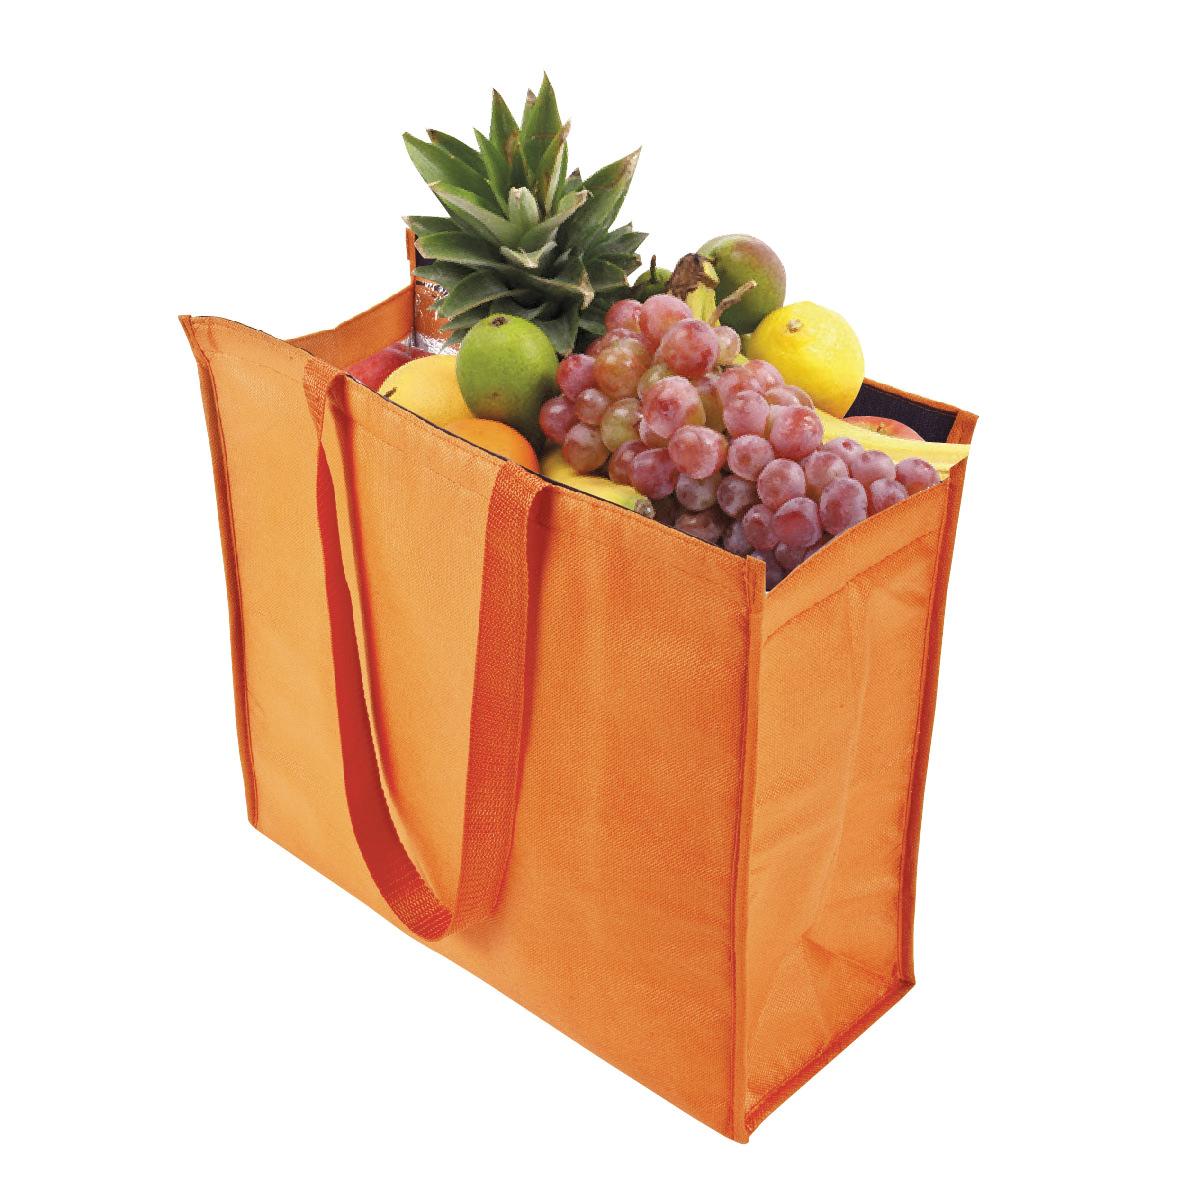 תיק קניות עם ציפוי אלומיניום לבידוד - סניק